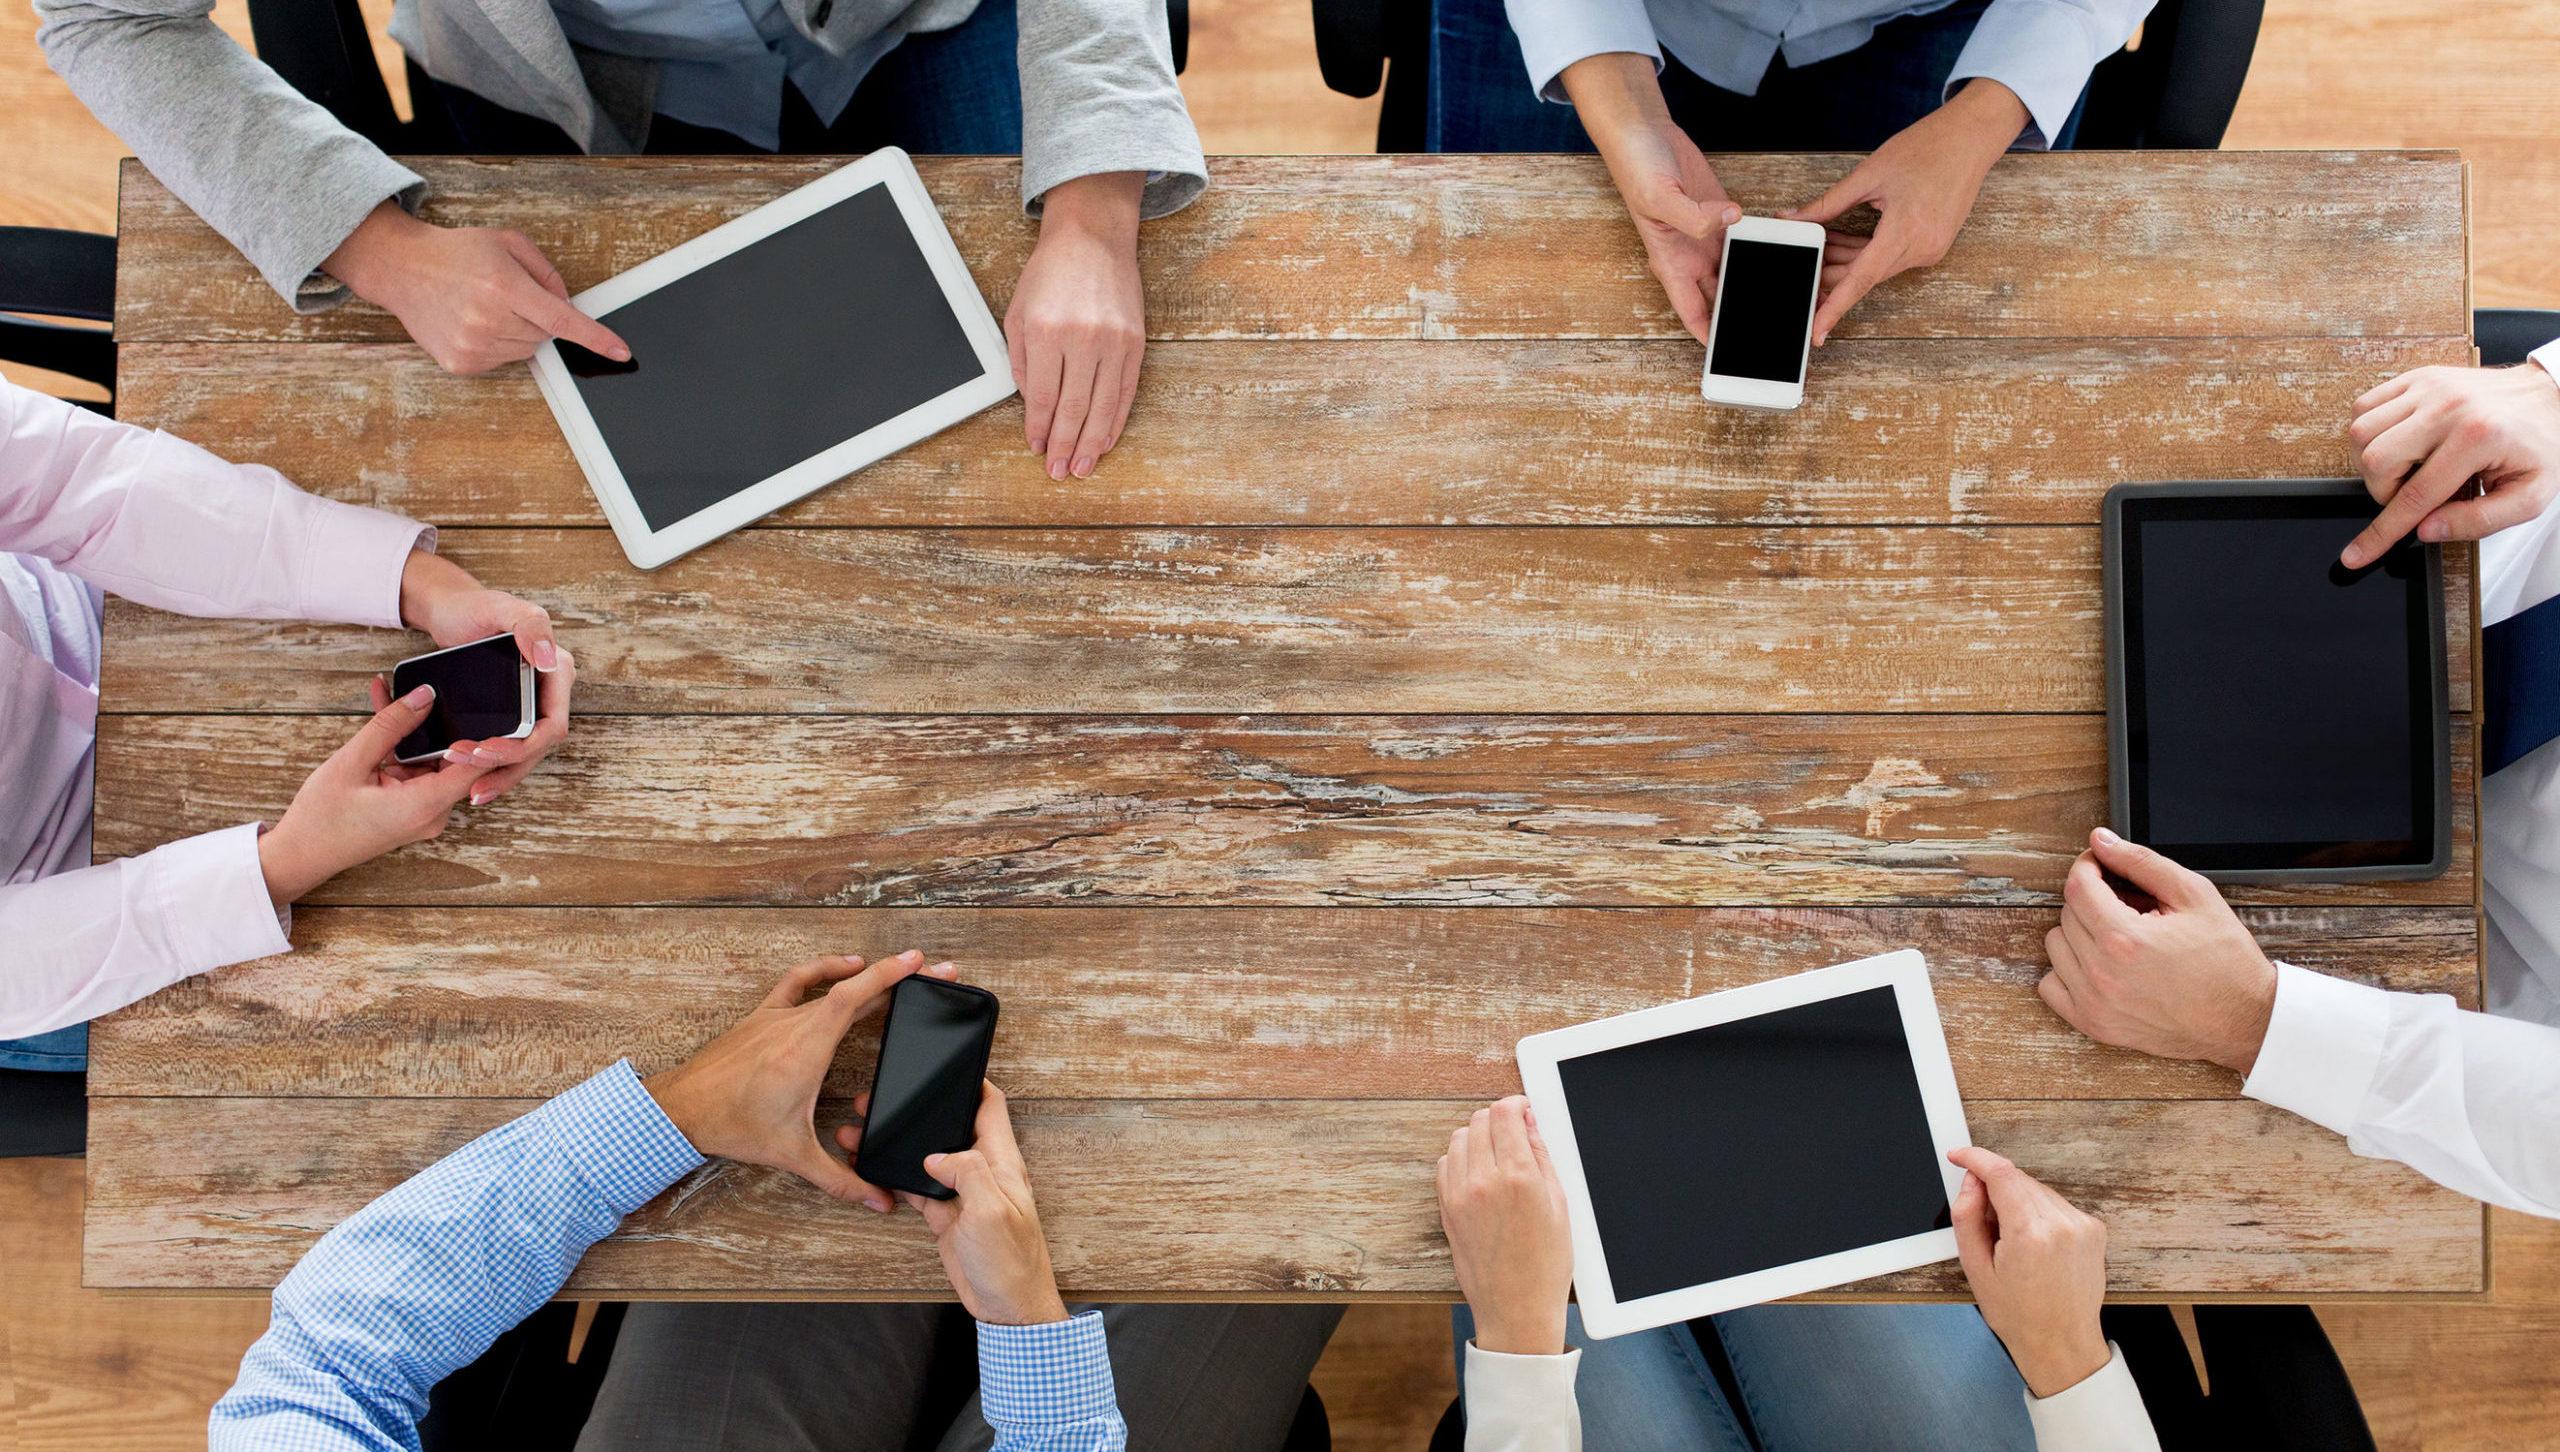 Рейтинг лучших планшетов на 8 дюймов на 2021 год